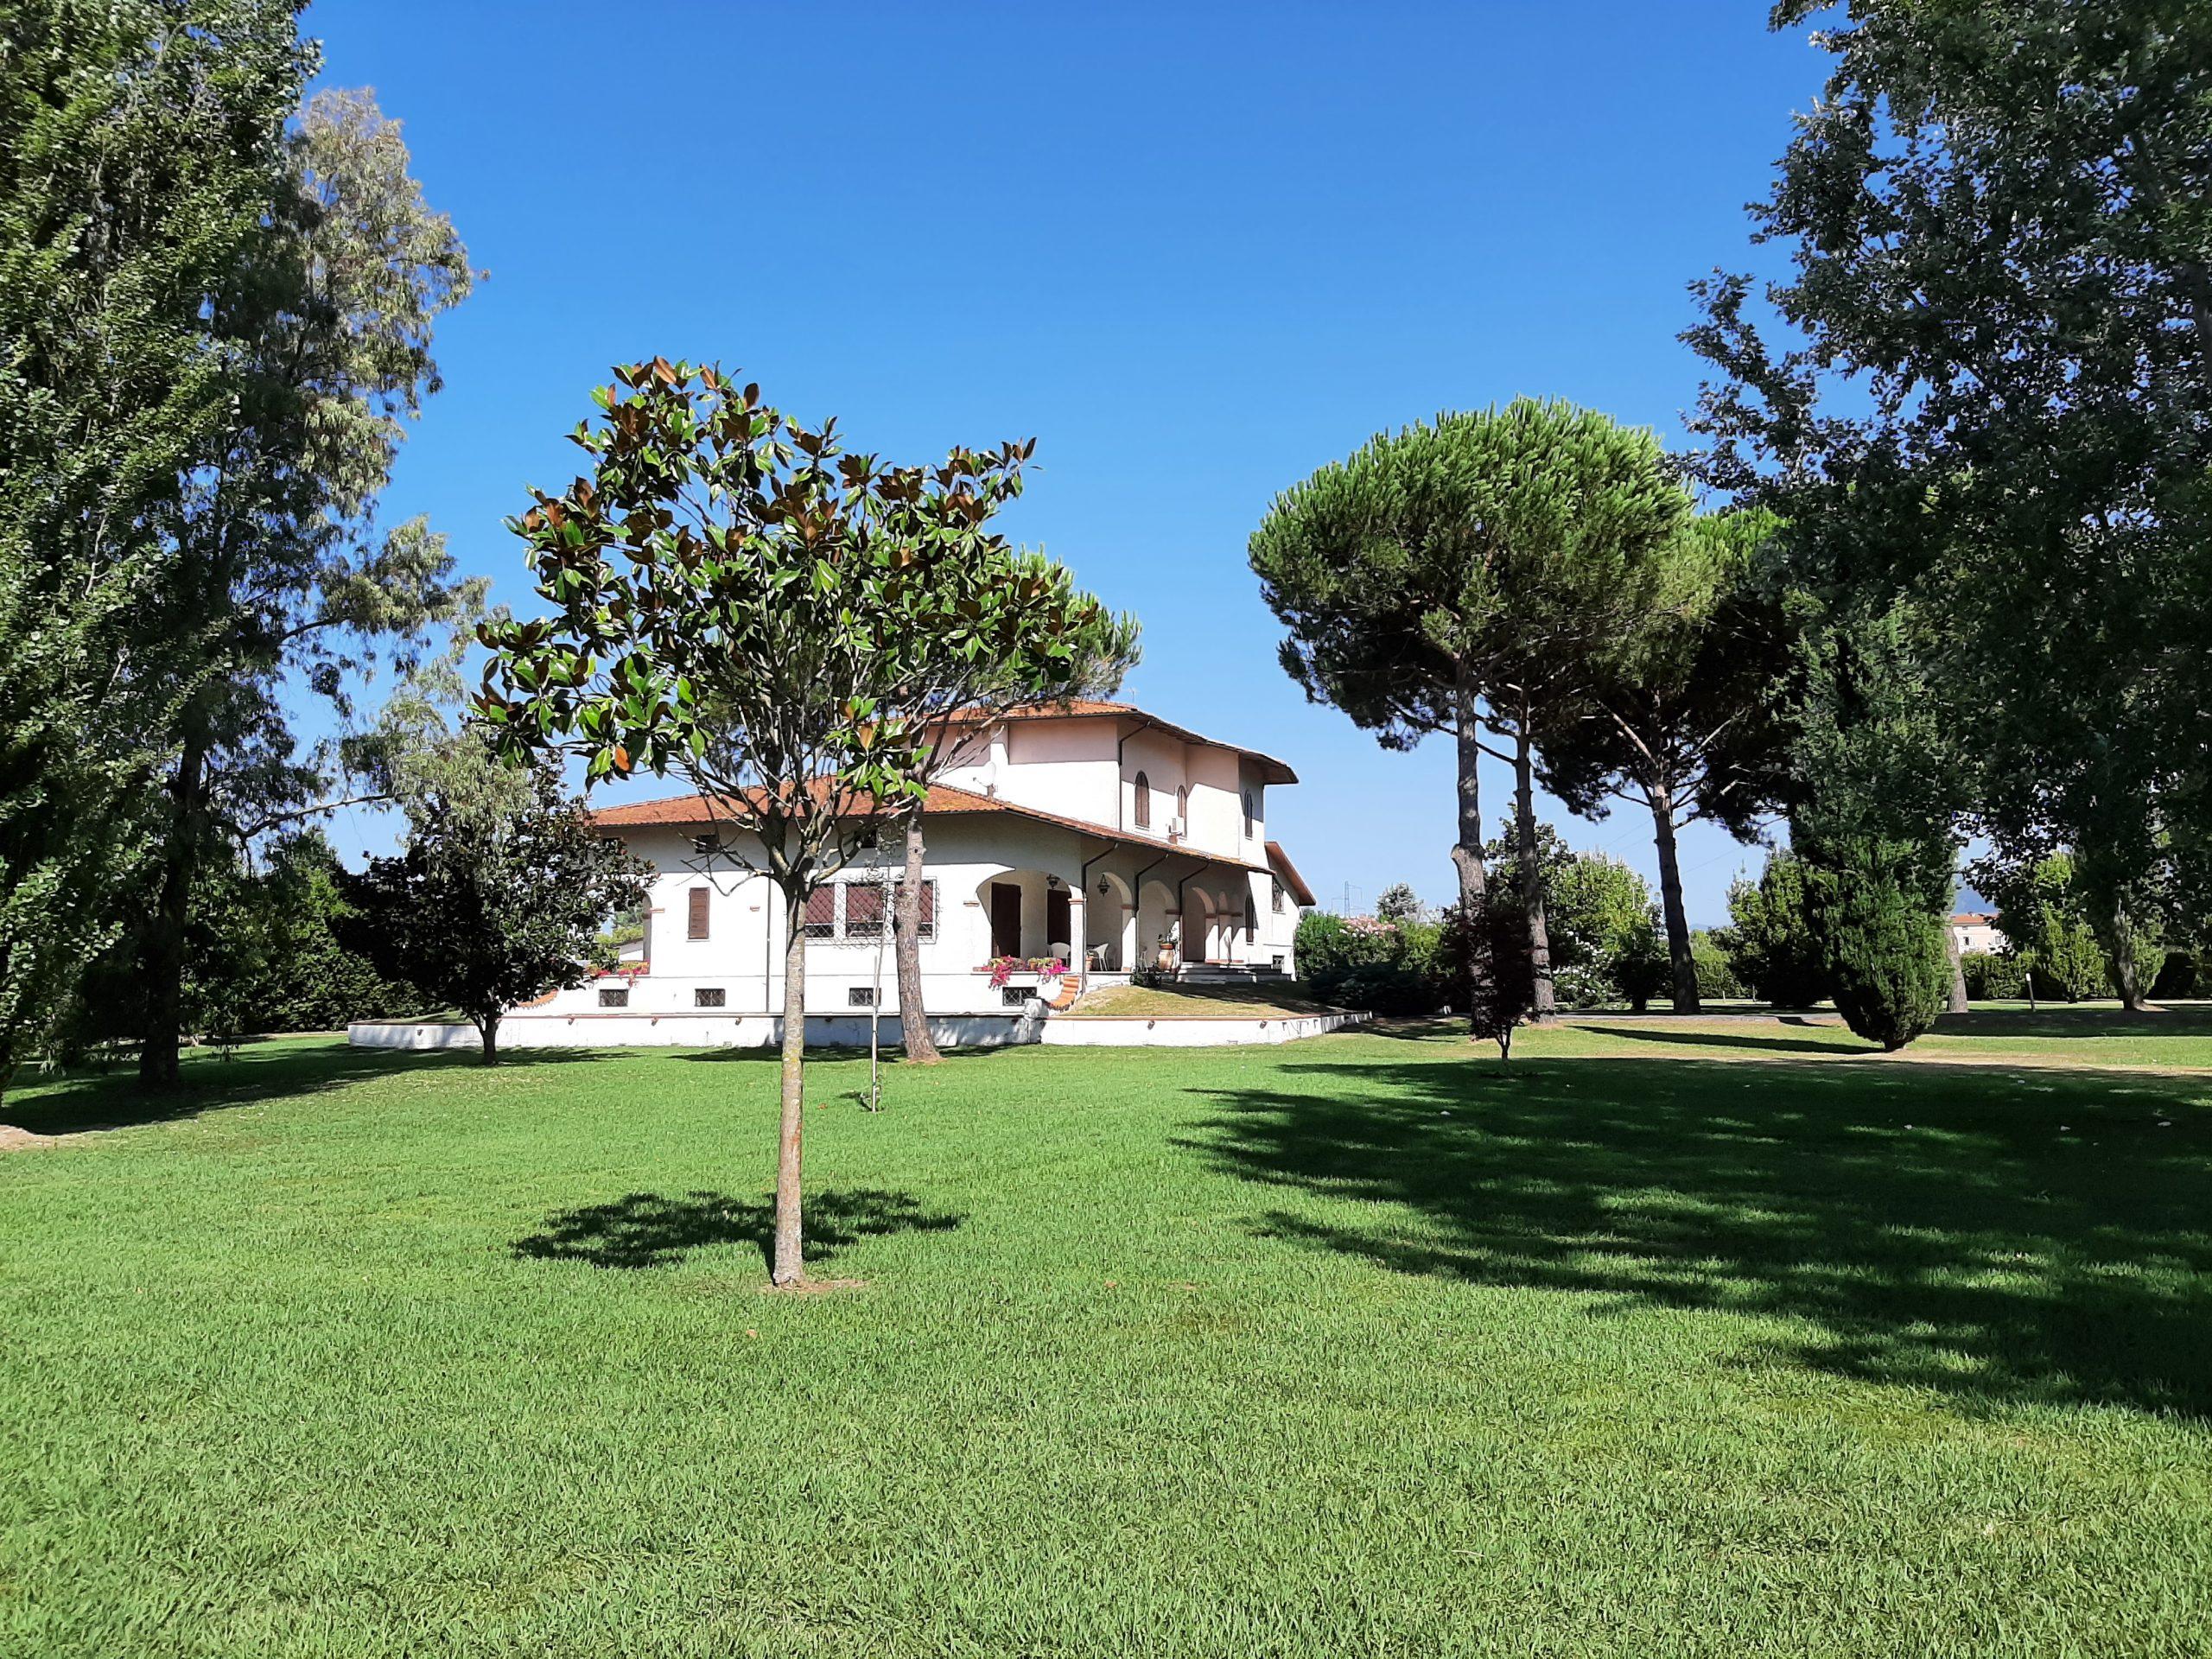 Versilia : Proprietà con Villa e piscina in parco splendido a due passi da Pietrasanta – Forte dei Marmi . Ref. 2438